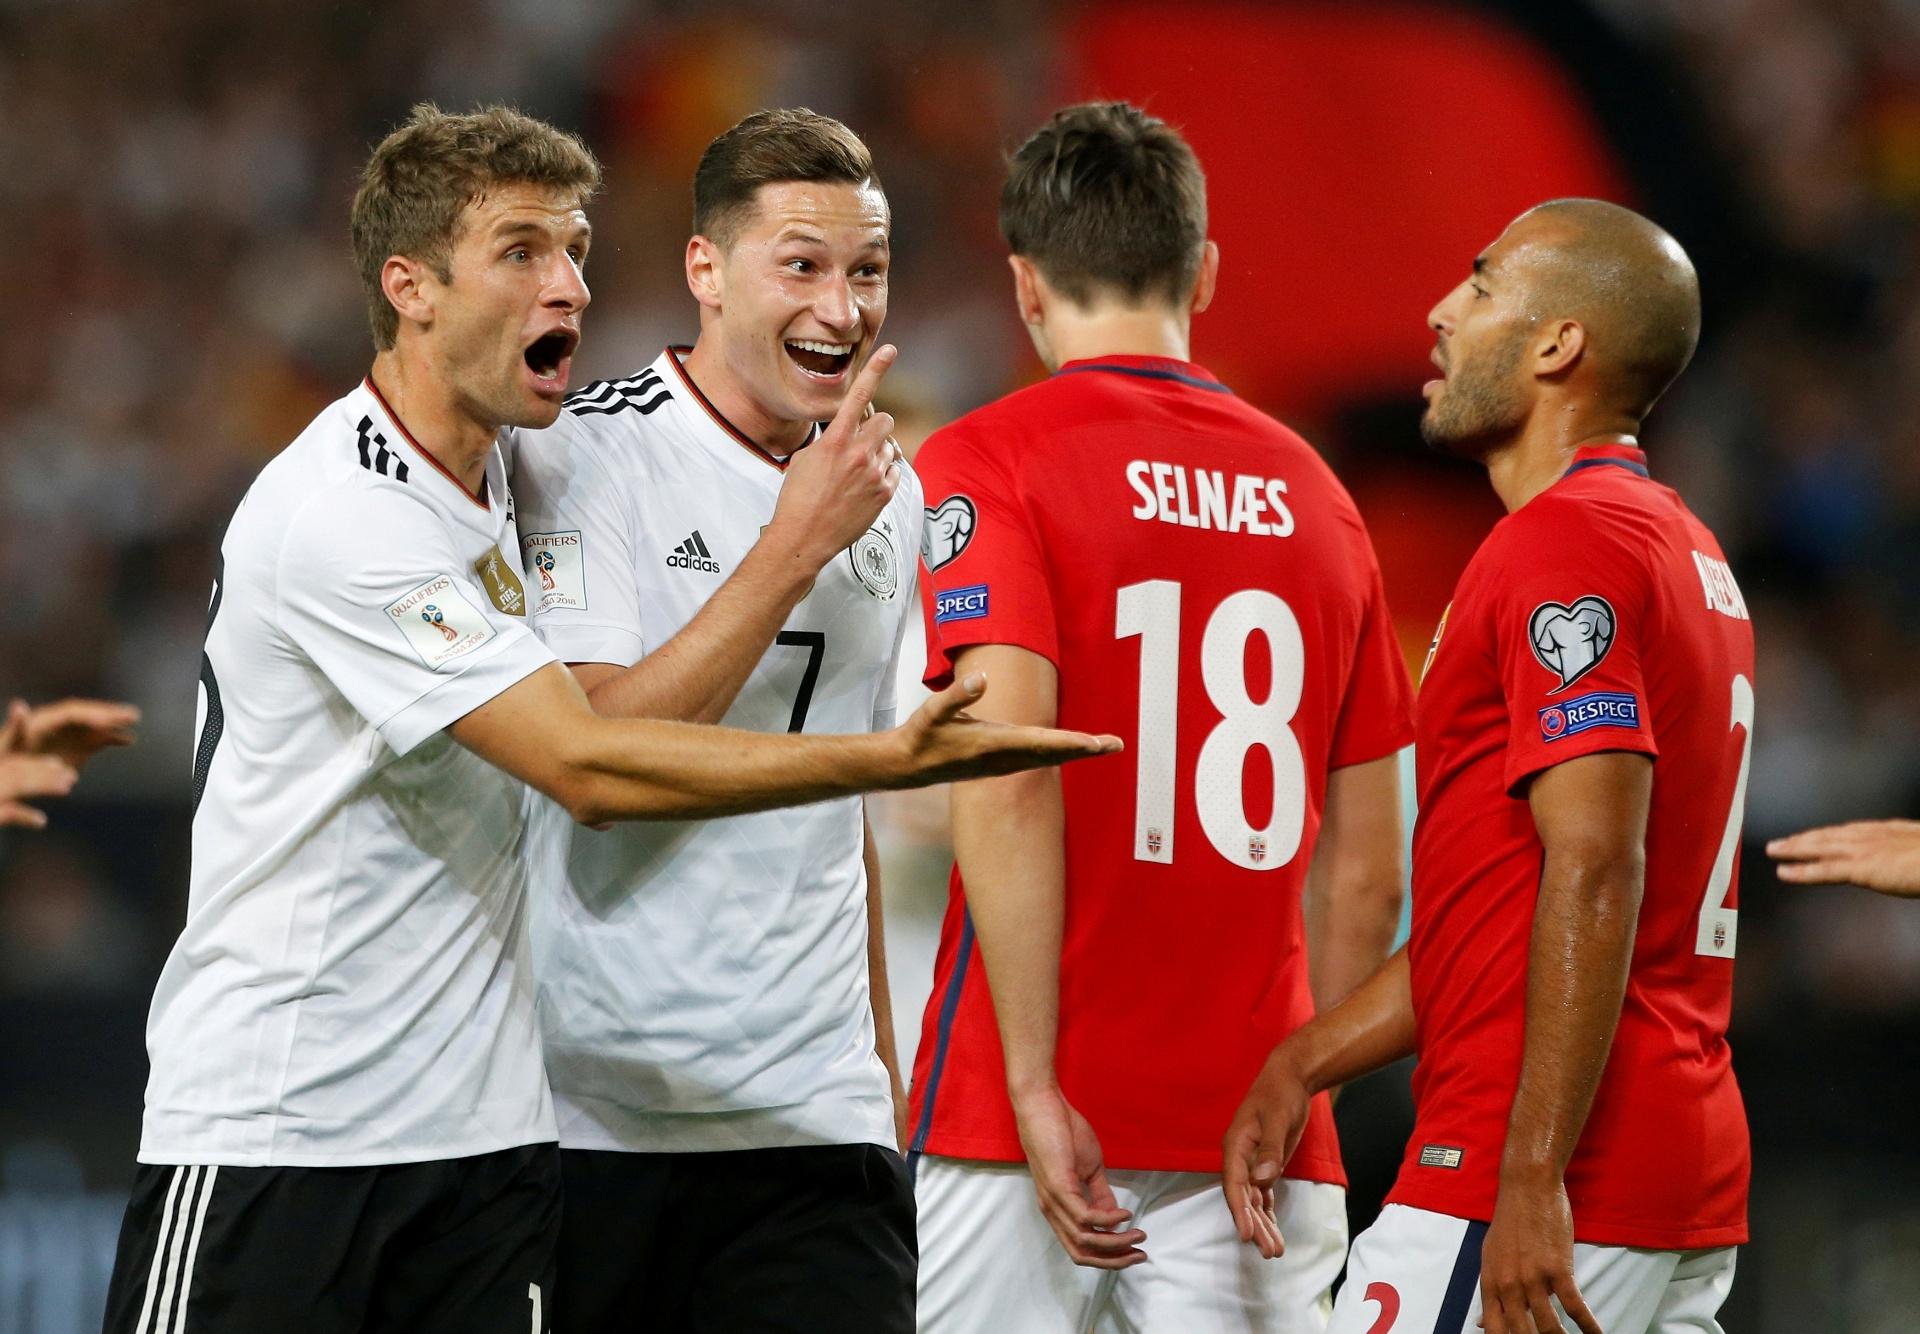 5 motivos que tornam a Alemanha favorita ao penta na Copa do Mundo - 09 10  2017 - UOL Esporte fee6c92e4fd09